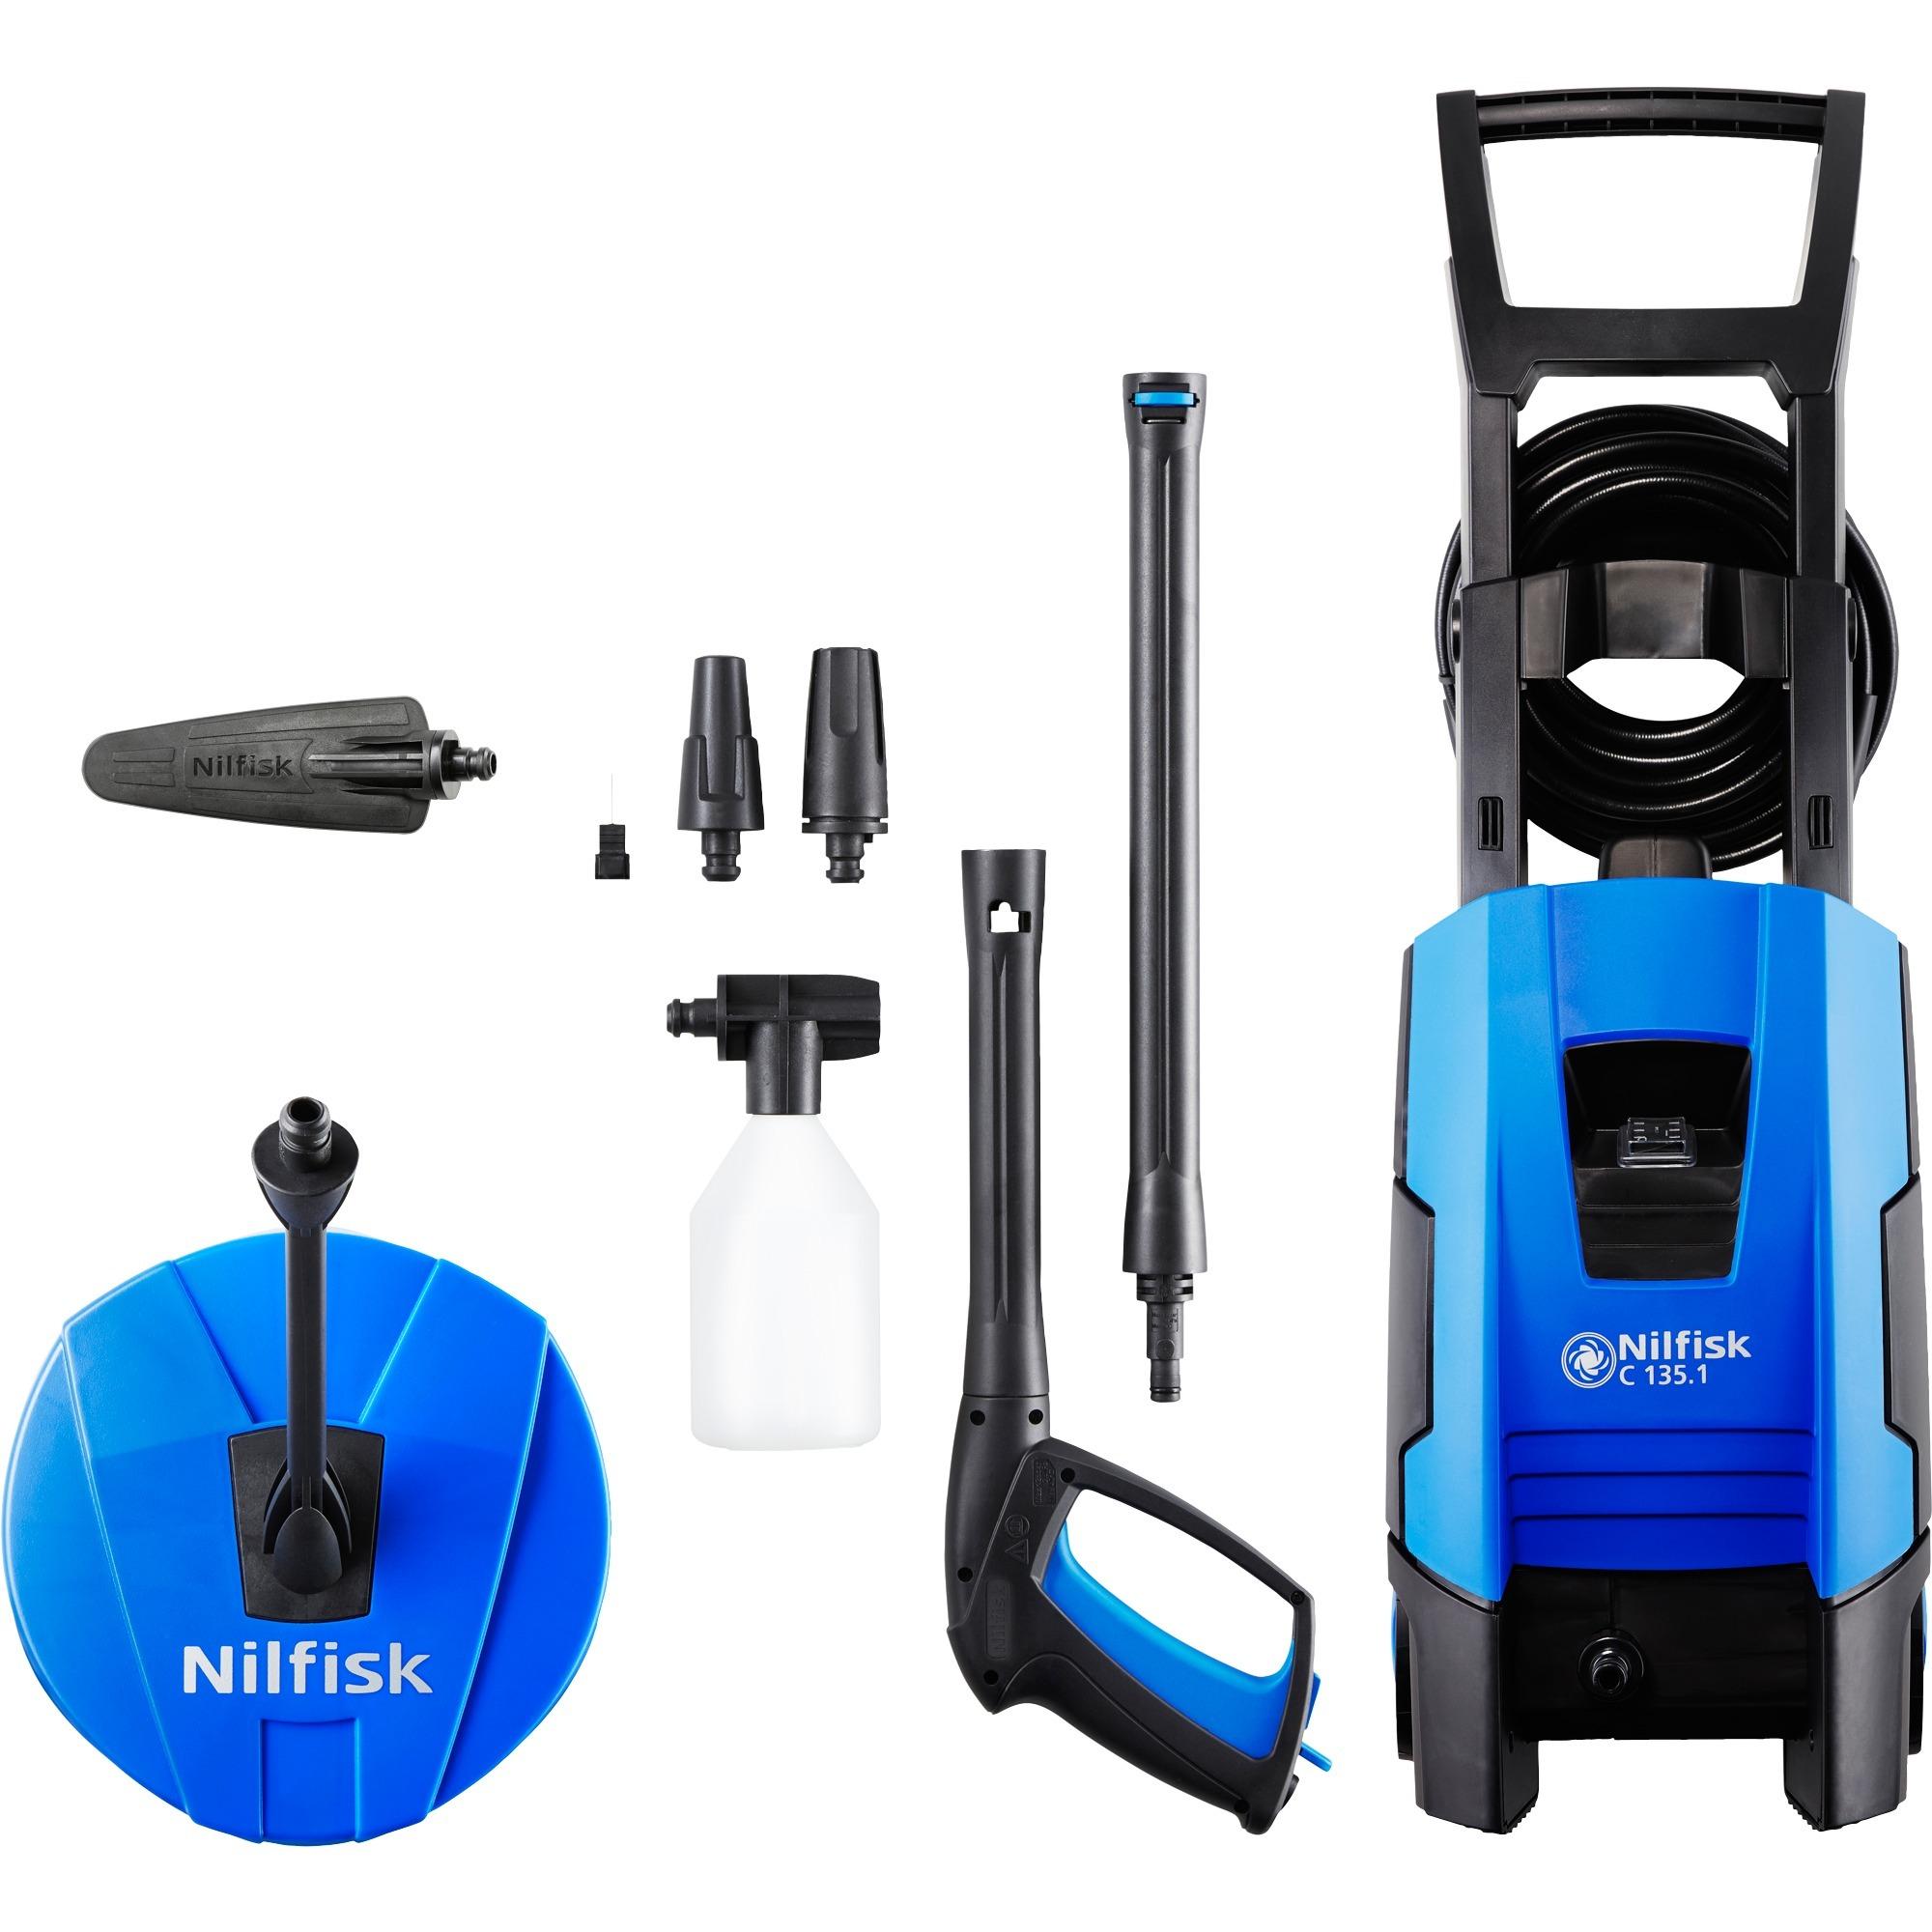 C 135.1 Limpiadora de alta presión o Hidrolimpiadora Vertical Eléctrico Negro, Azul 520 l/h 7800 W, Hidrolimpiadora de alta presión